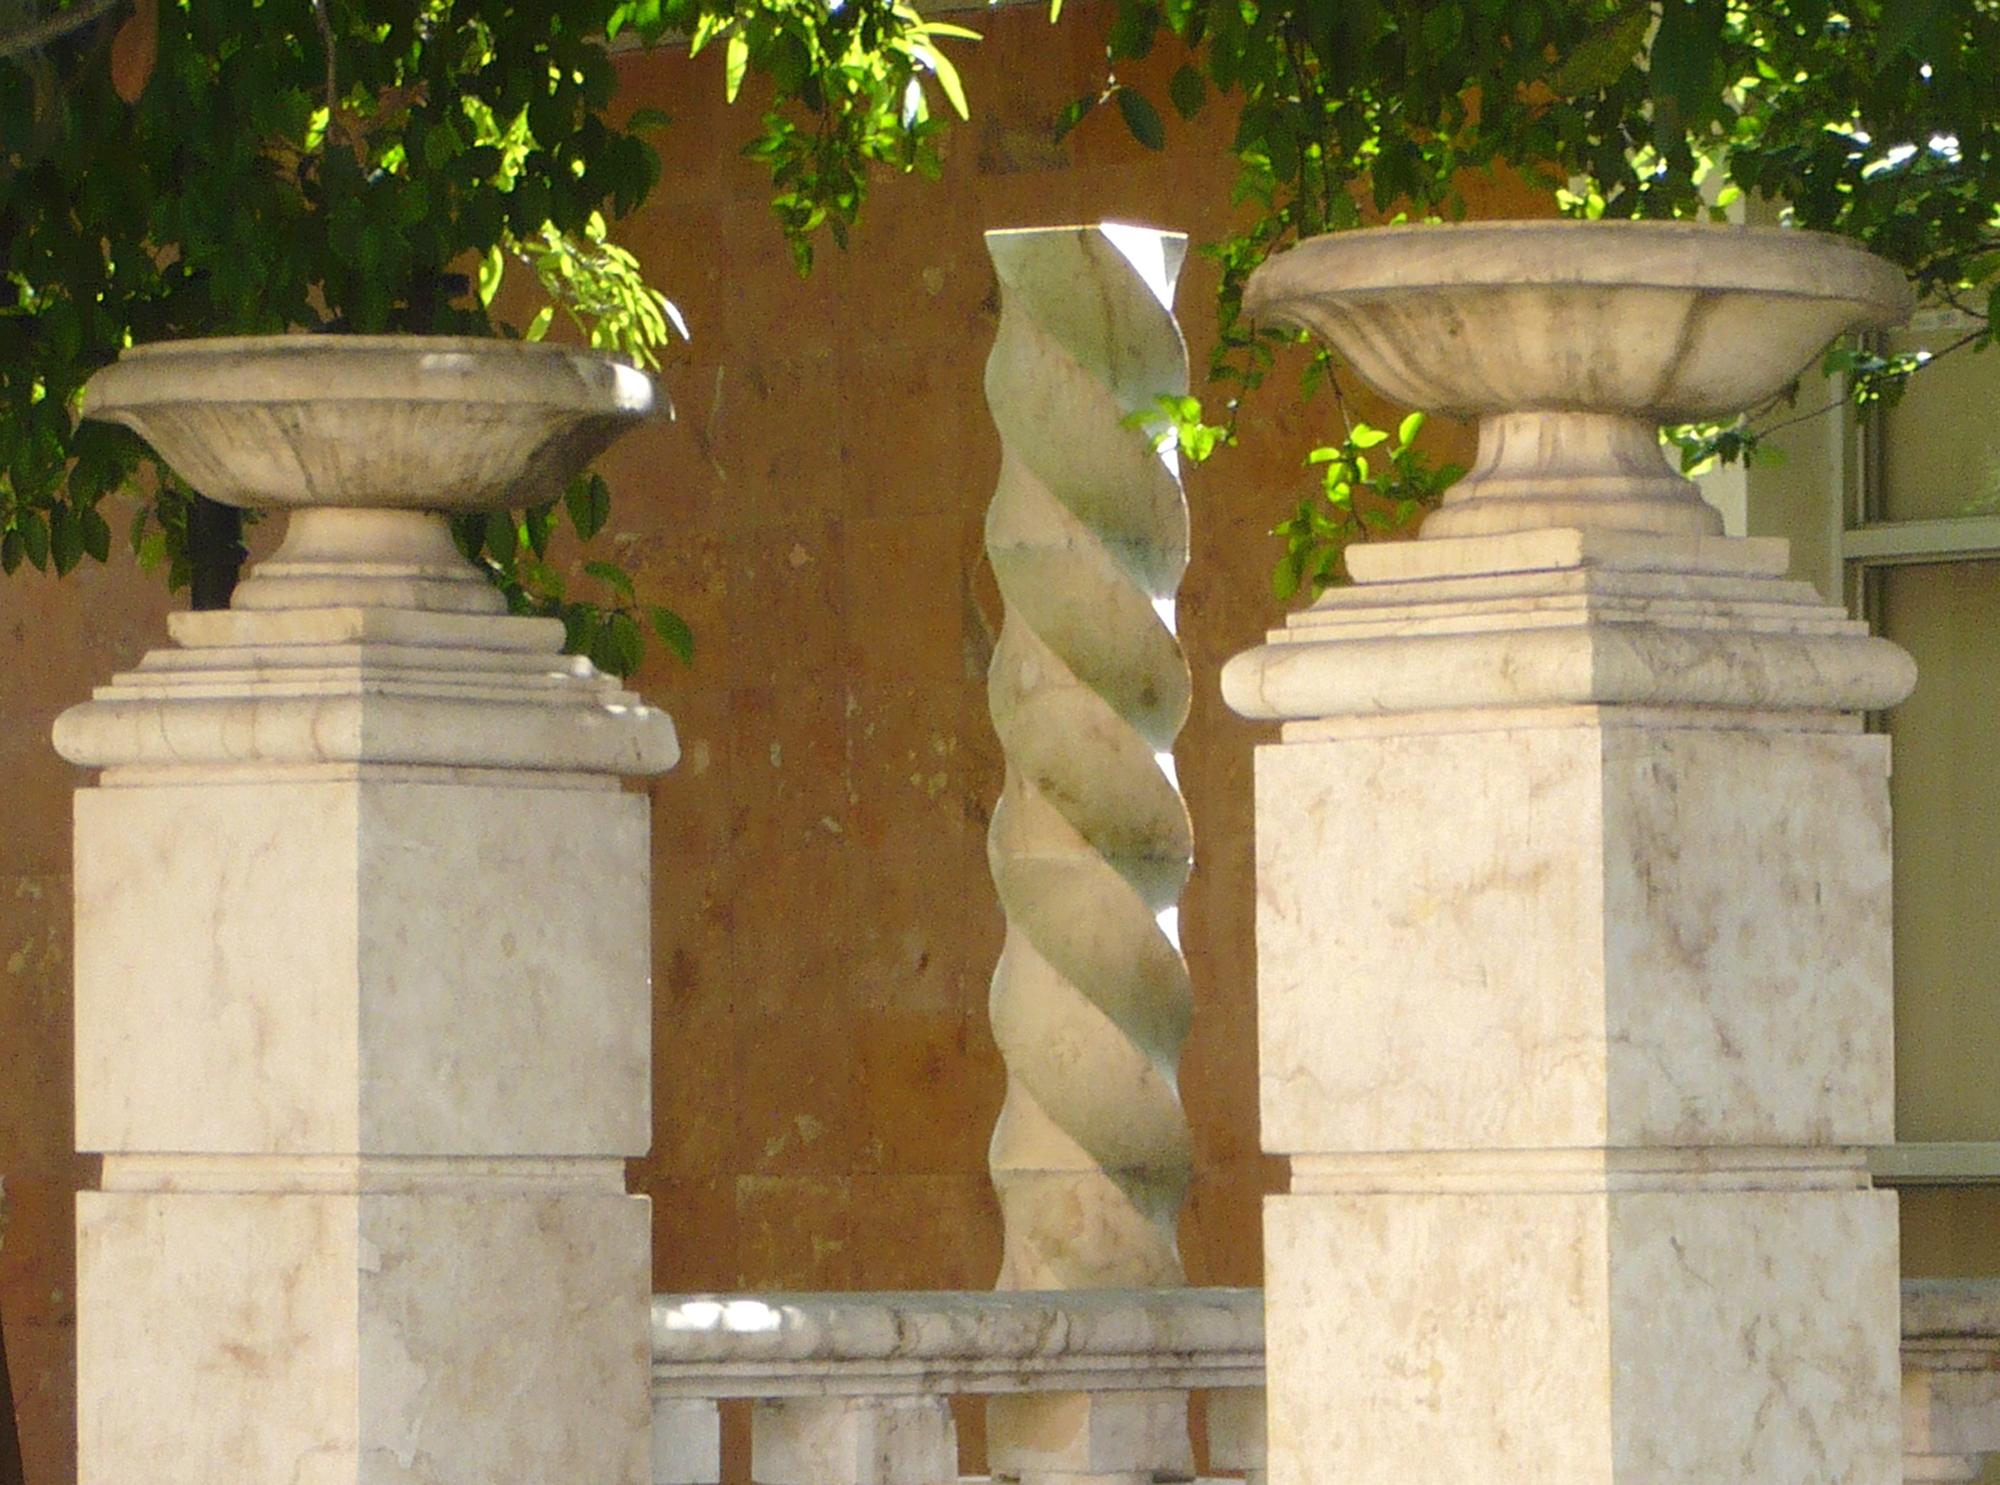 Monterrey_2000x1485_2011_June27-July5_Galeriavasesoncolumnas_P1070604.jpg